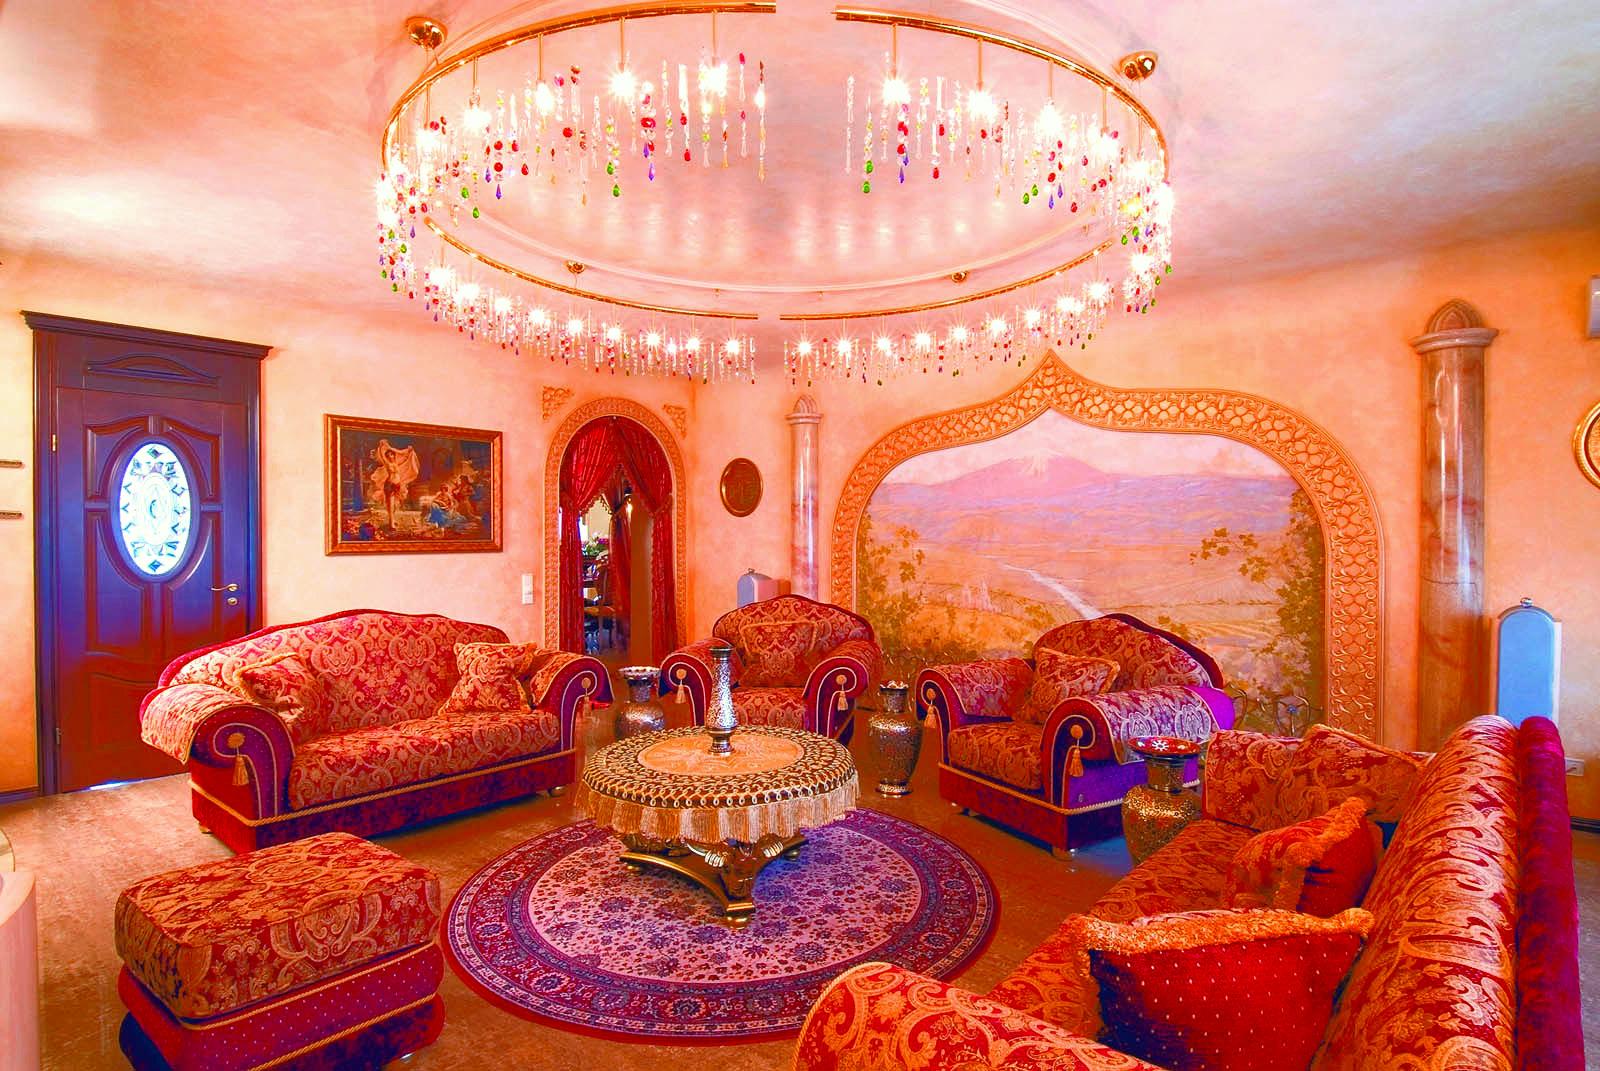 Mungkin ruang tamu seperti ini menjadi idaman ramai.